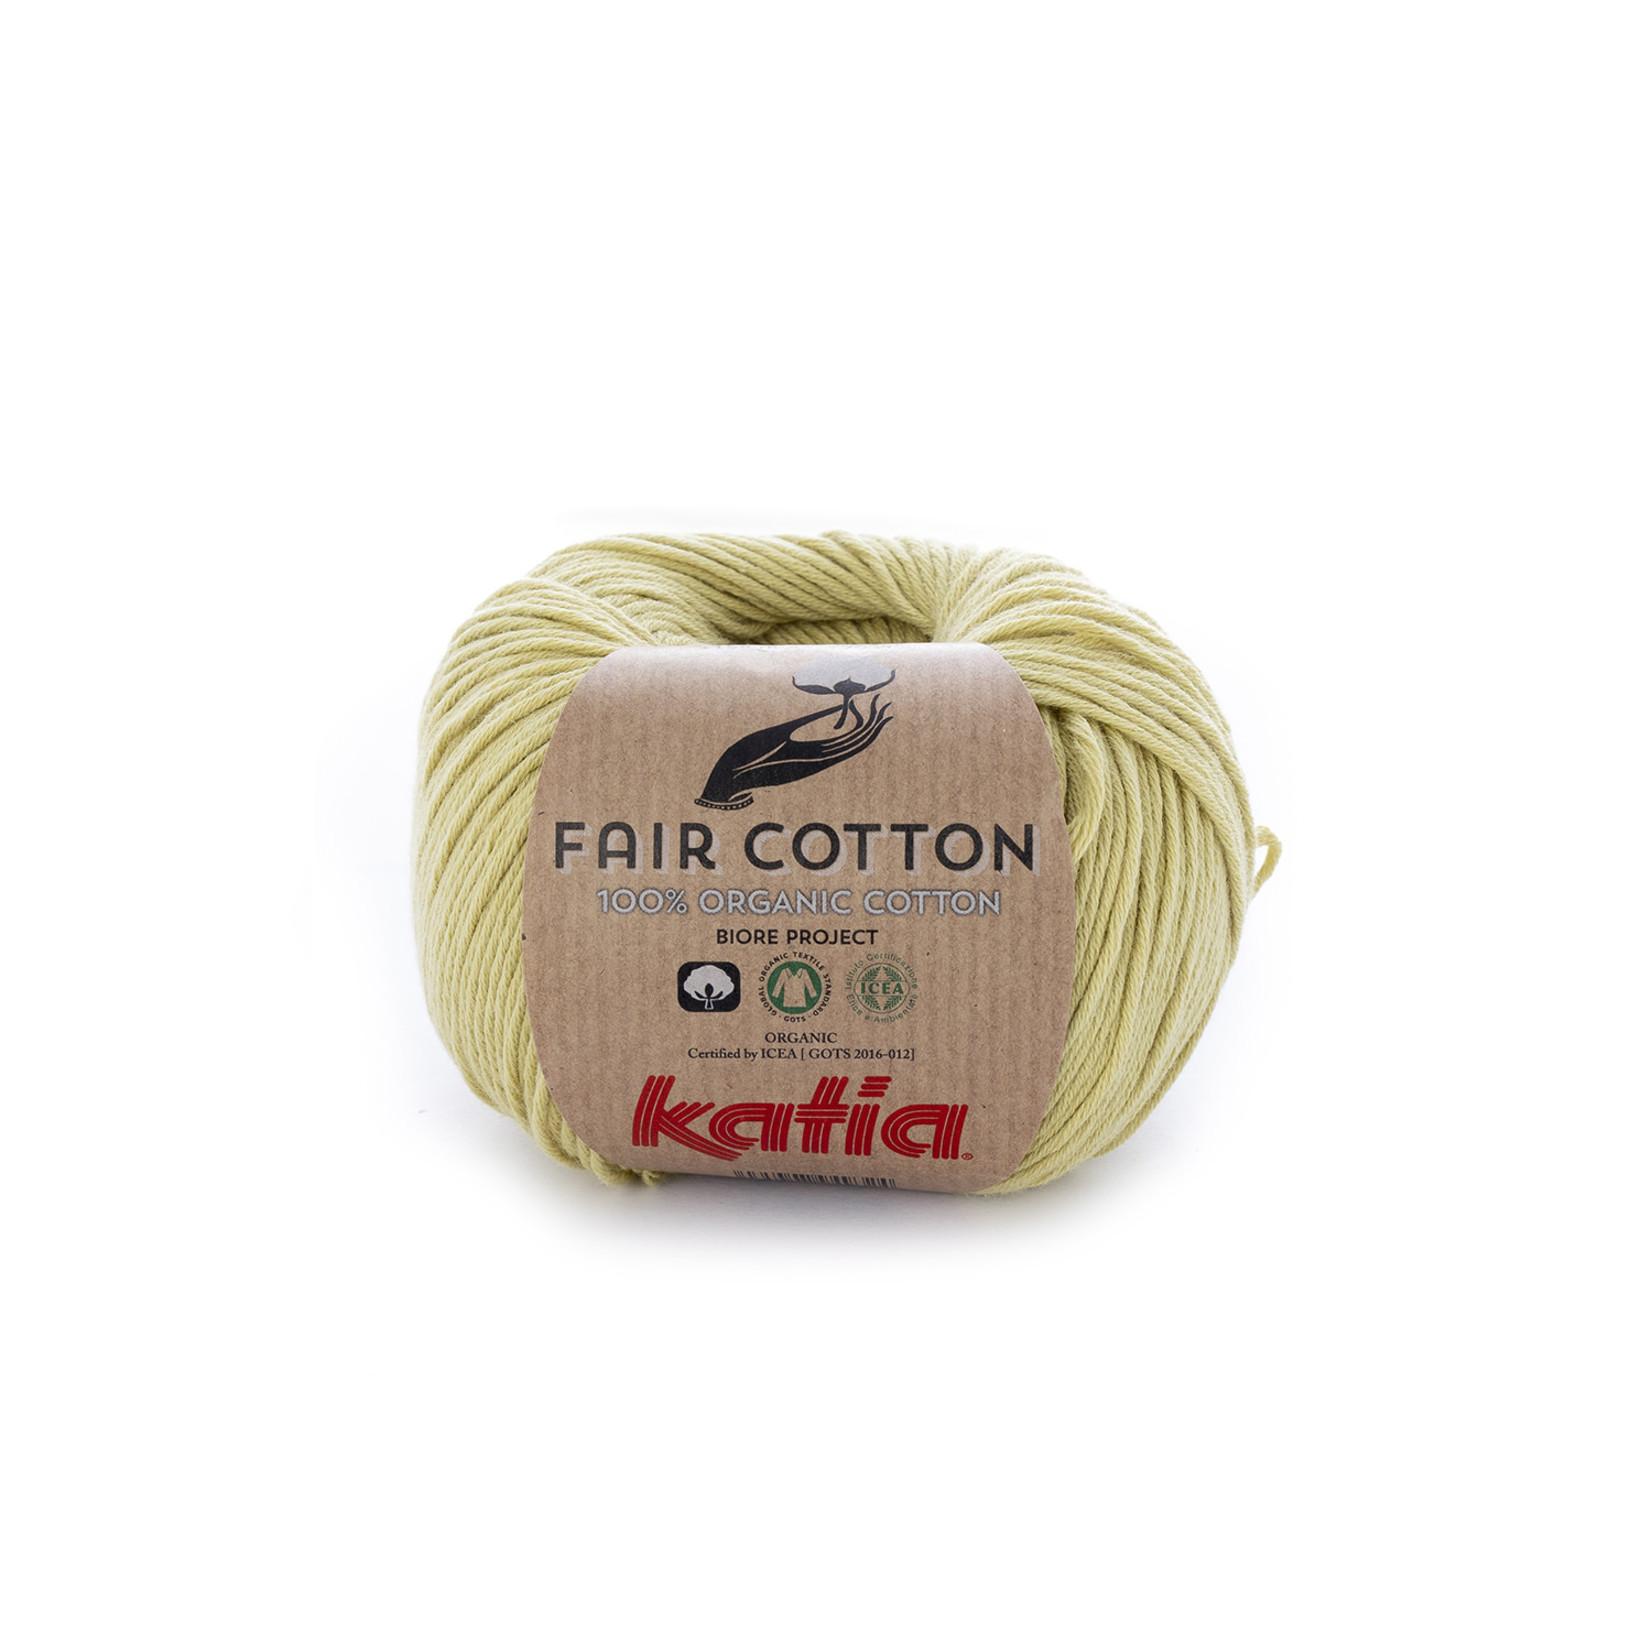 Katia Katia Fair Cotton 34 - pistache - 1 bol = 50 gr. = 155 m. - 100% biol. katoen